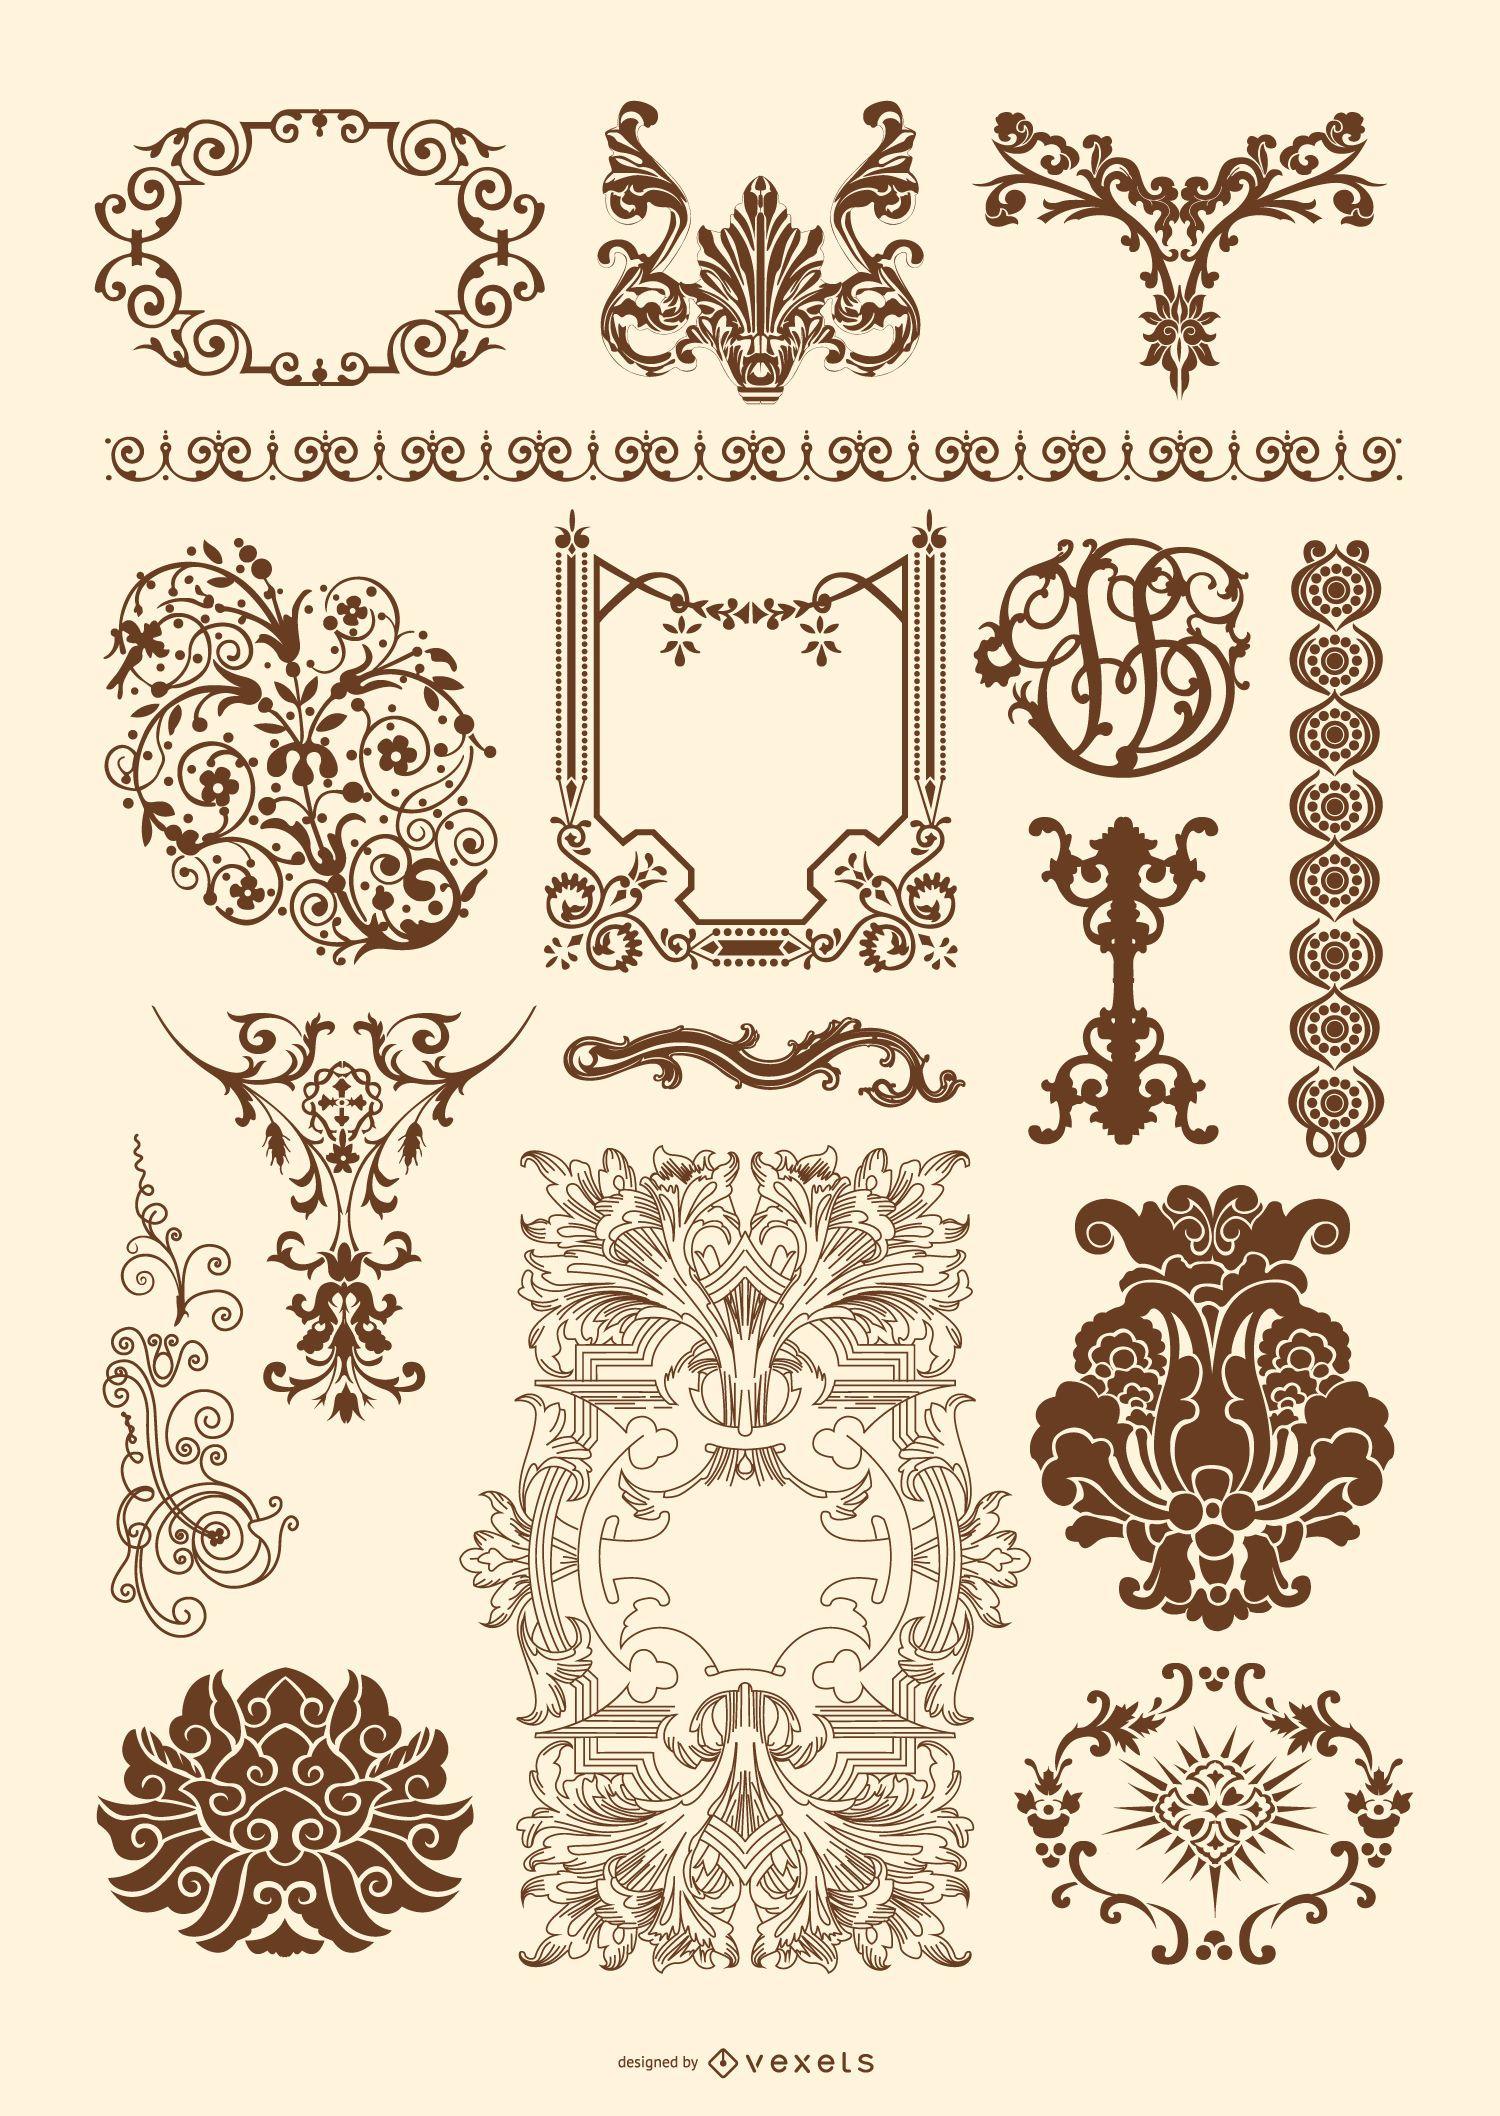 Conjunto de adornos victorianos y rococó